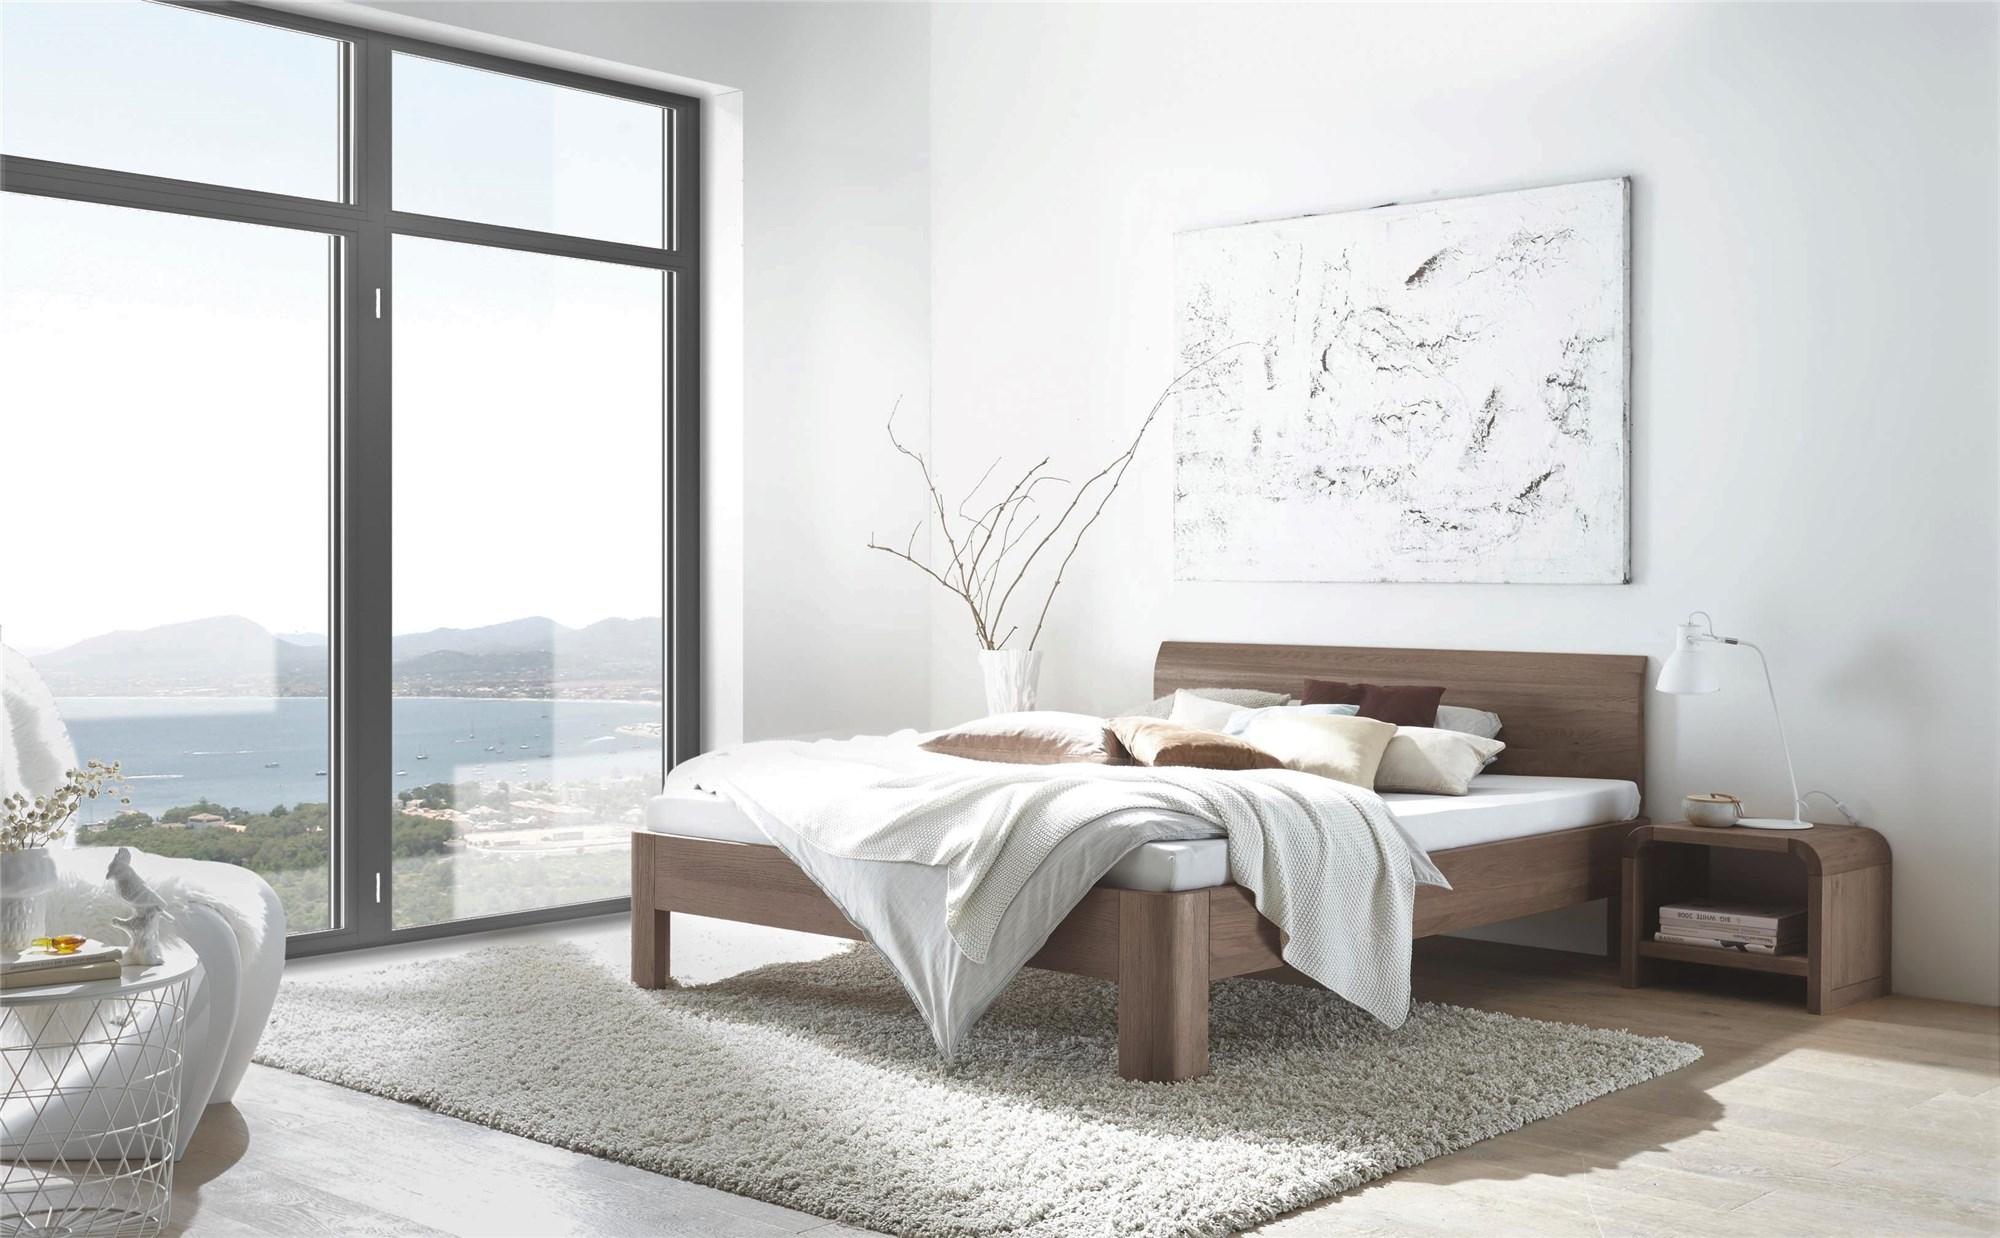 Dormitor lemn masiv BALI GREY